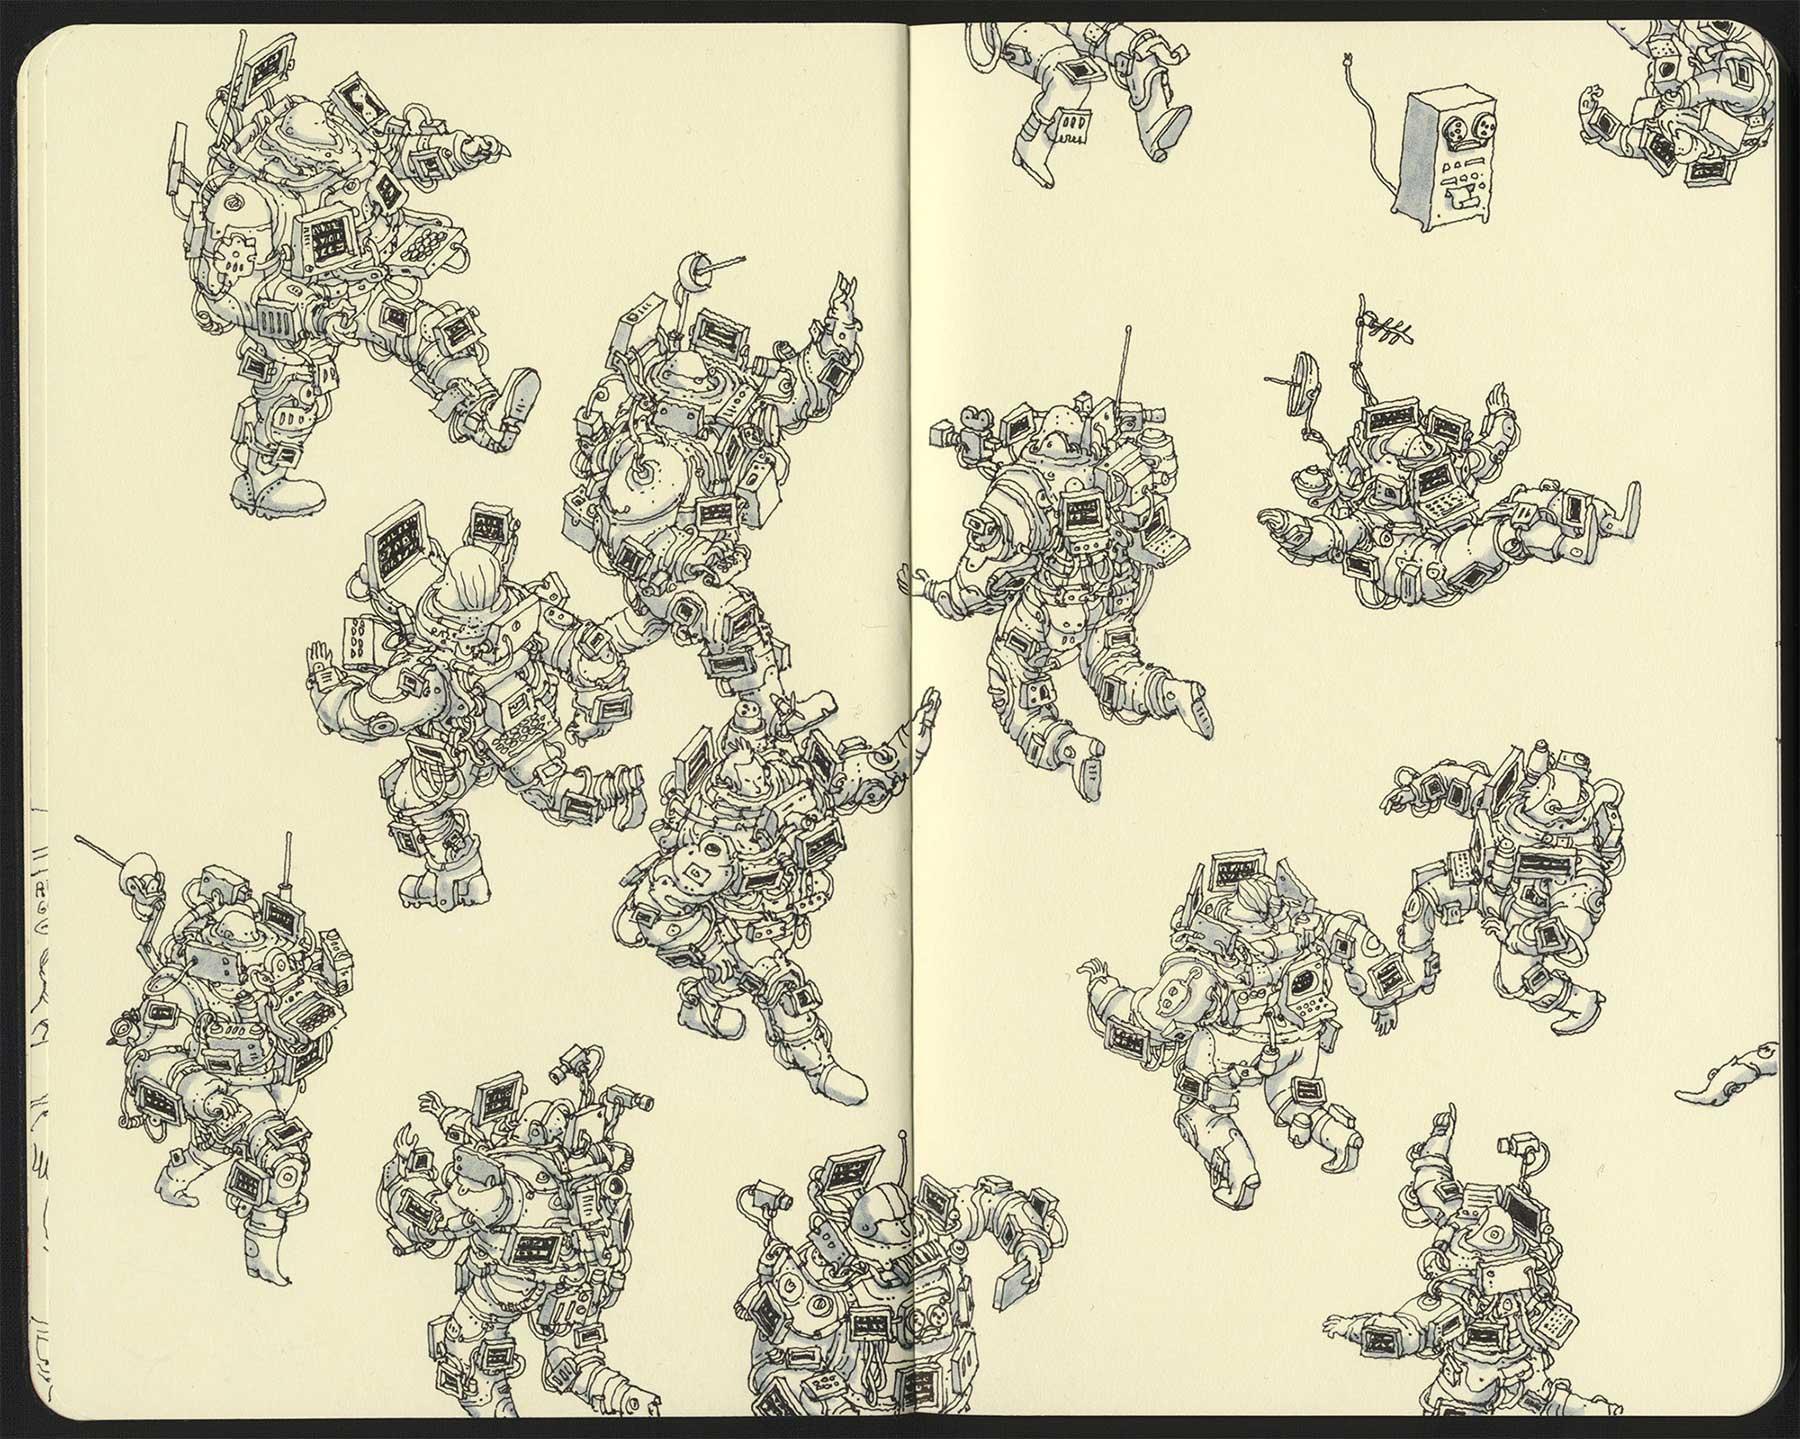 Noch mehr Notizbuchzeichnungen von Mattias Adolfsson Mattias-Adolfsson-Zeichnungen_07